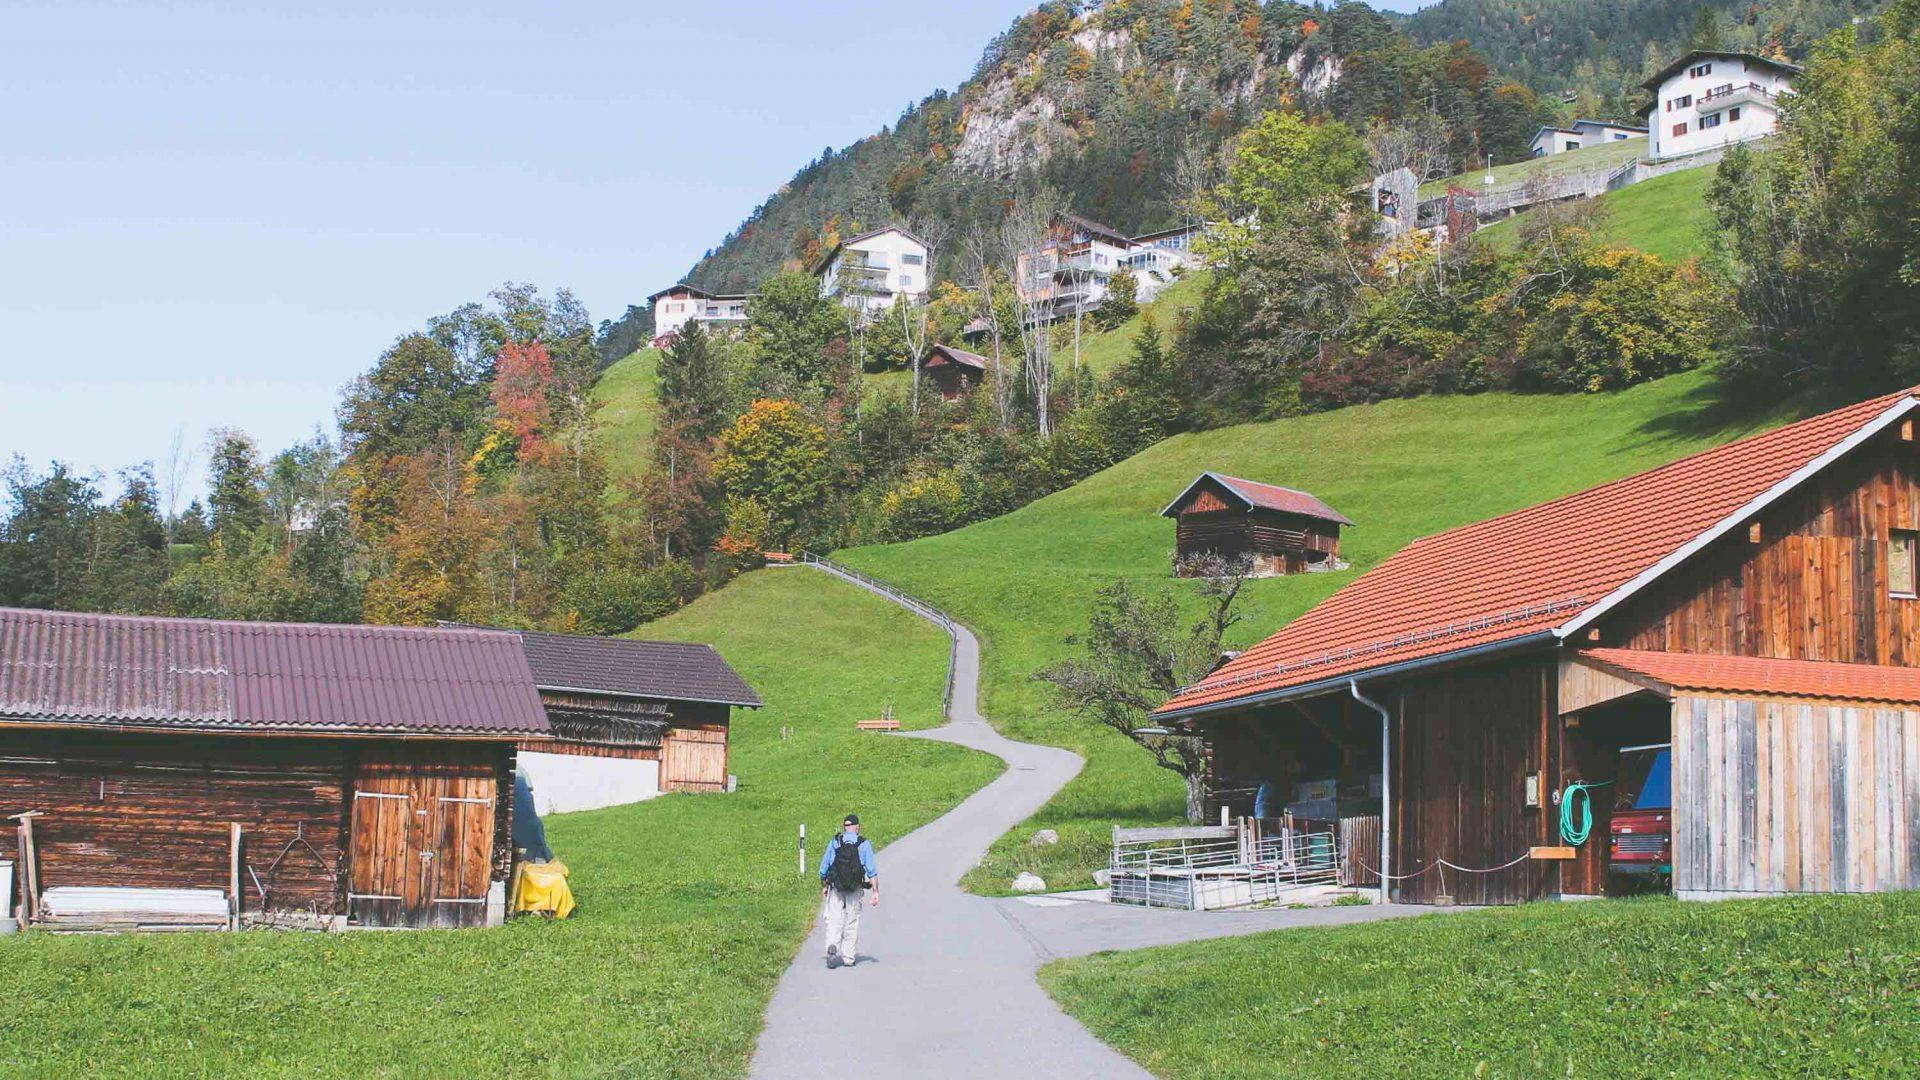 Walking along a quiet road, part of the Liechtenstein Trail.